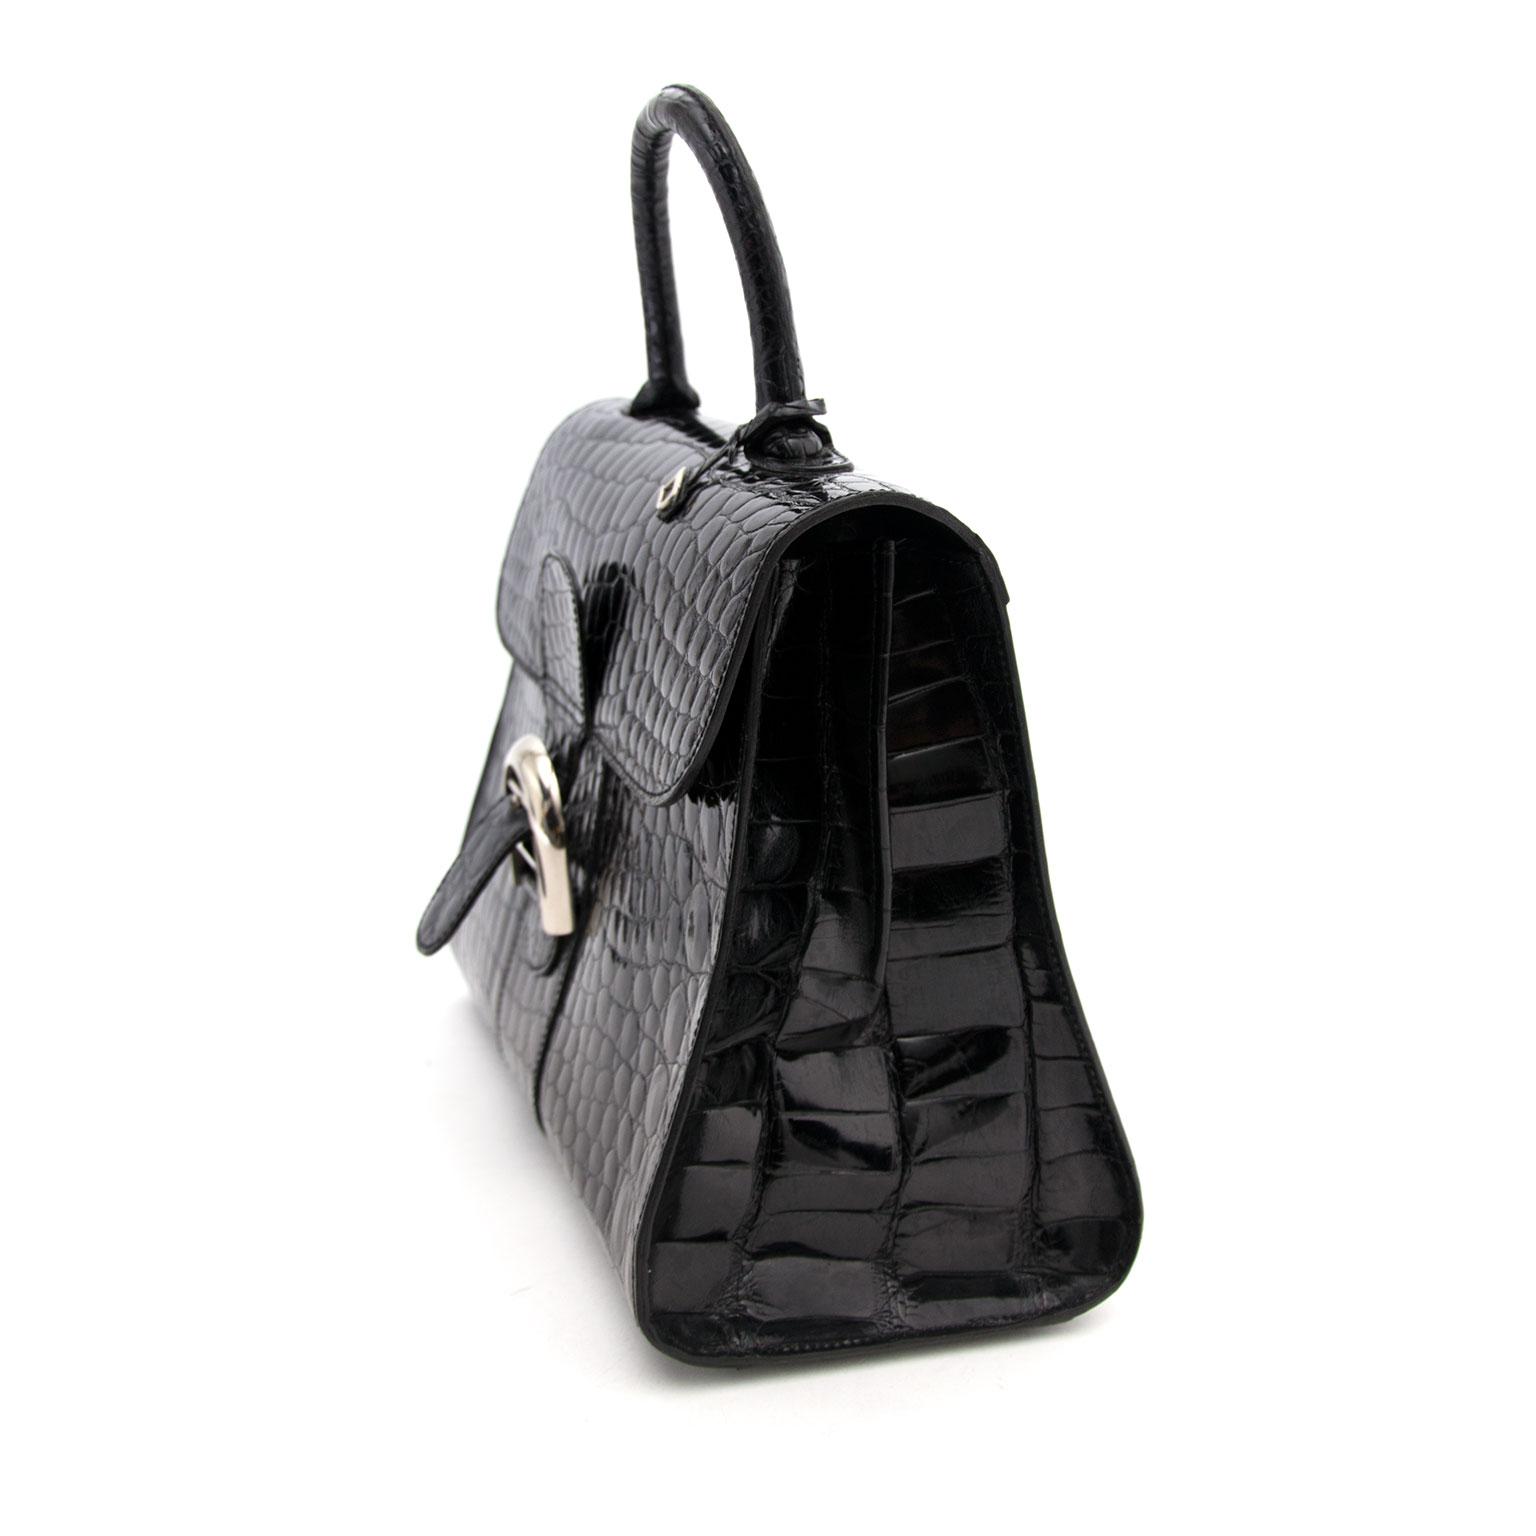 koop veilig online aan de beste prijs Delvaux Black Shiny Croco Brillant MM